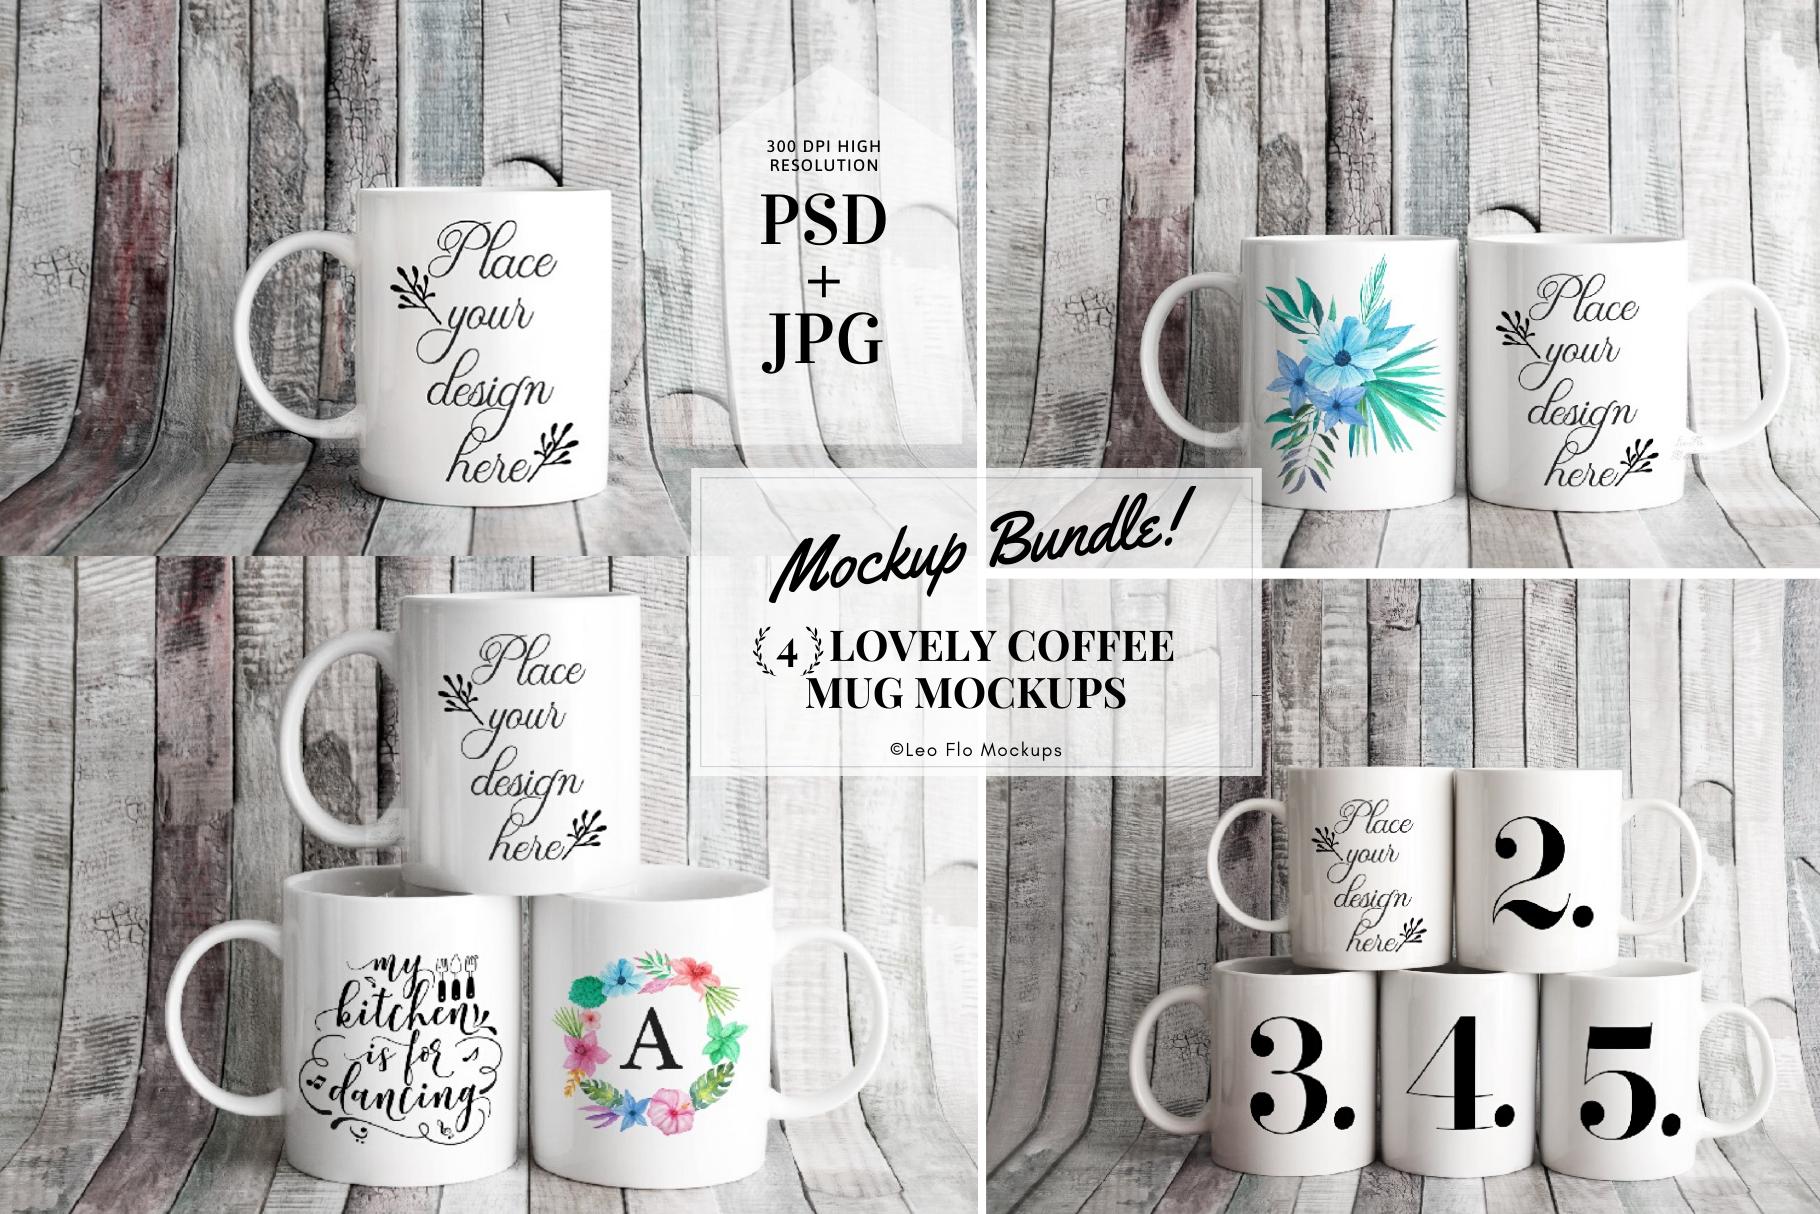 4x Bundle mug mockup PSD sublimation 11oz mugs mockups example image 1